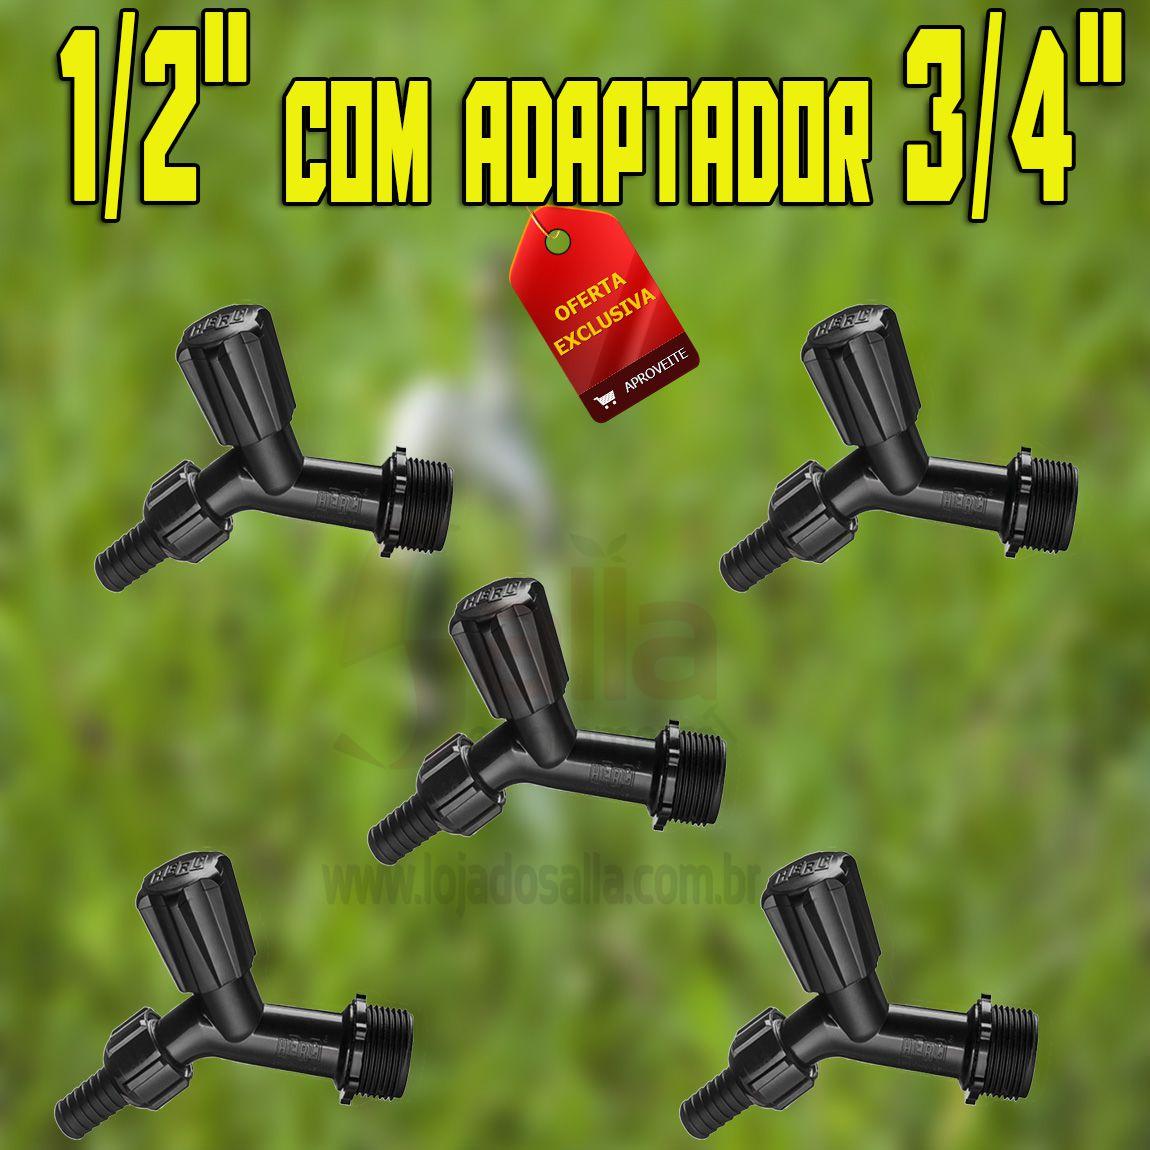 Conjunto / Kit c/5 Torneiras de Jardim / Parede Preta 1/2 a 3/4